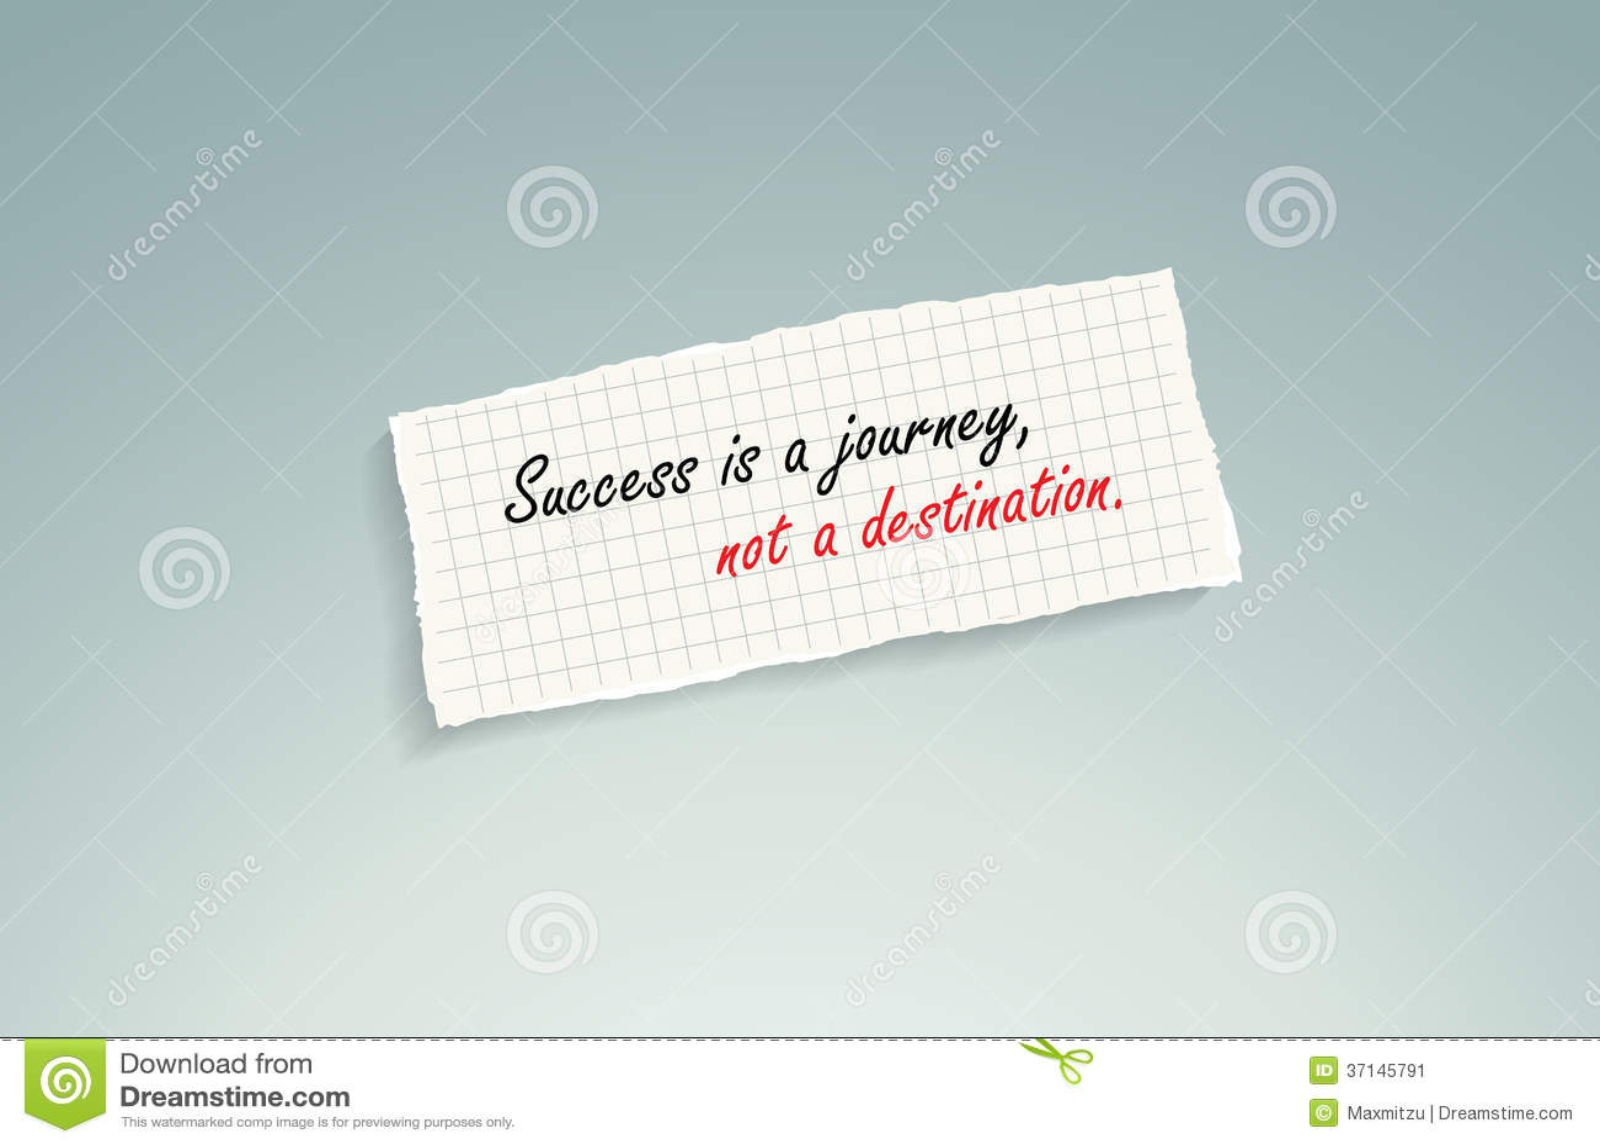 success is a journey not a destination essay